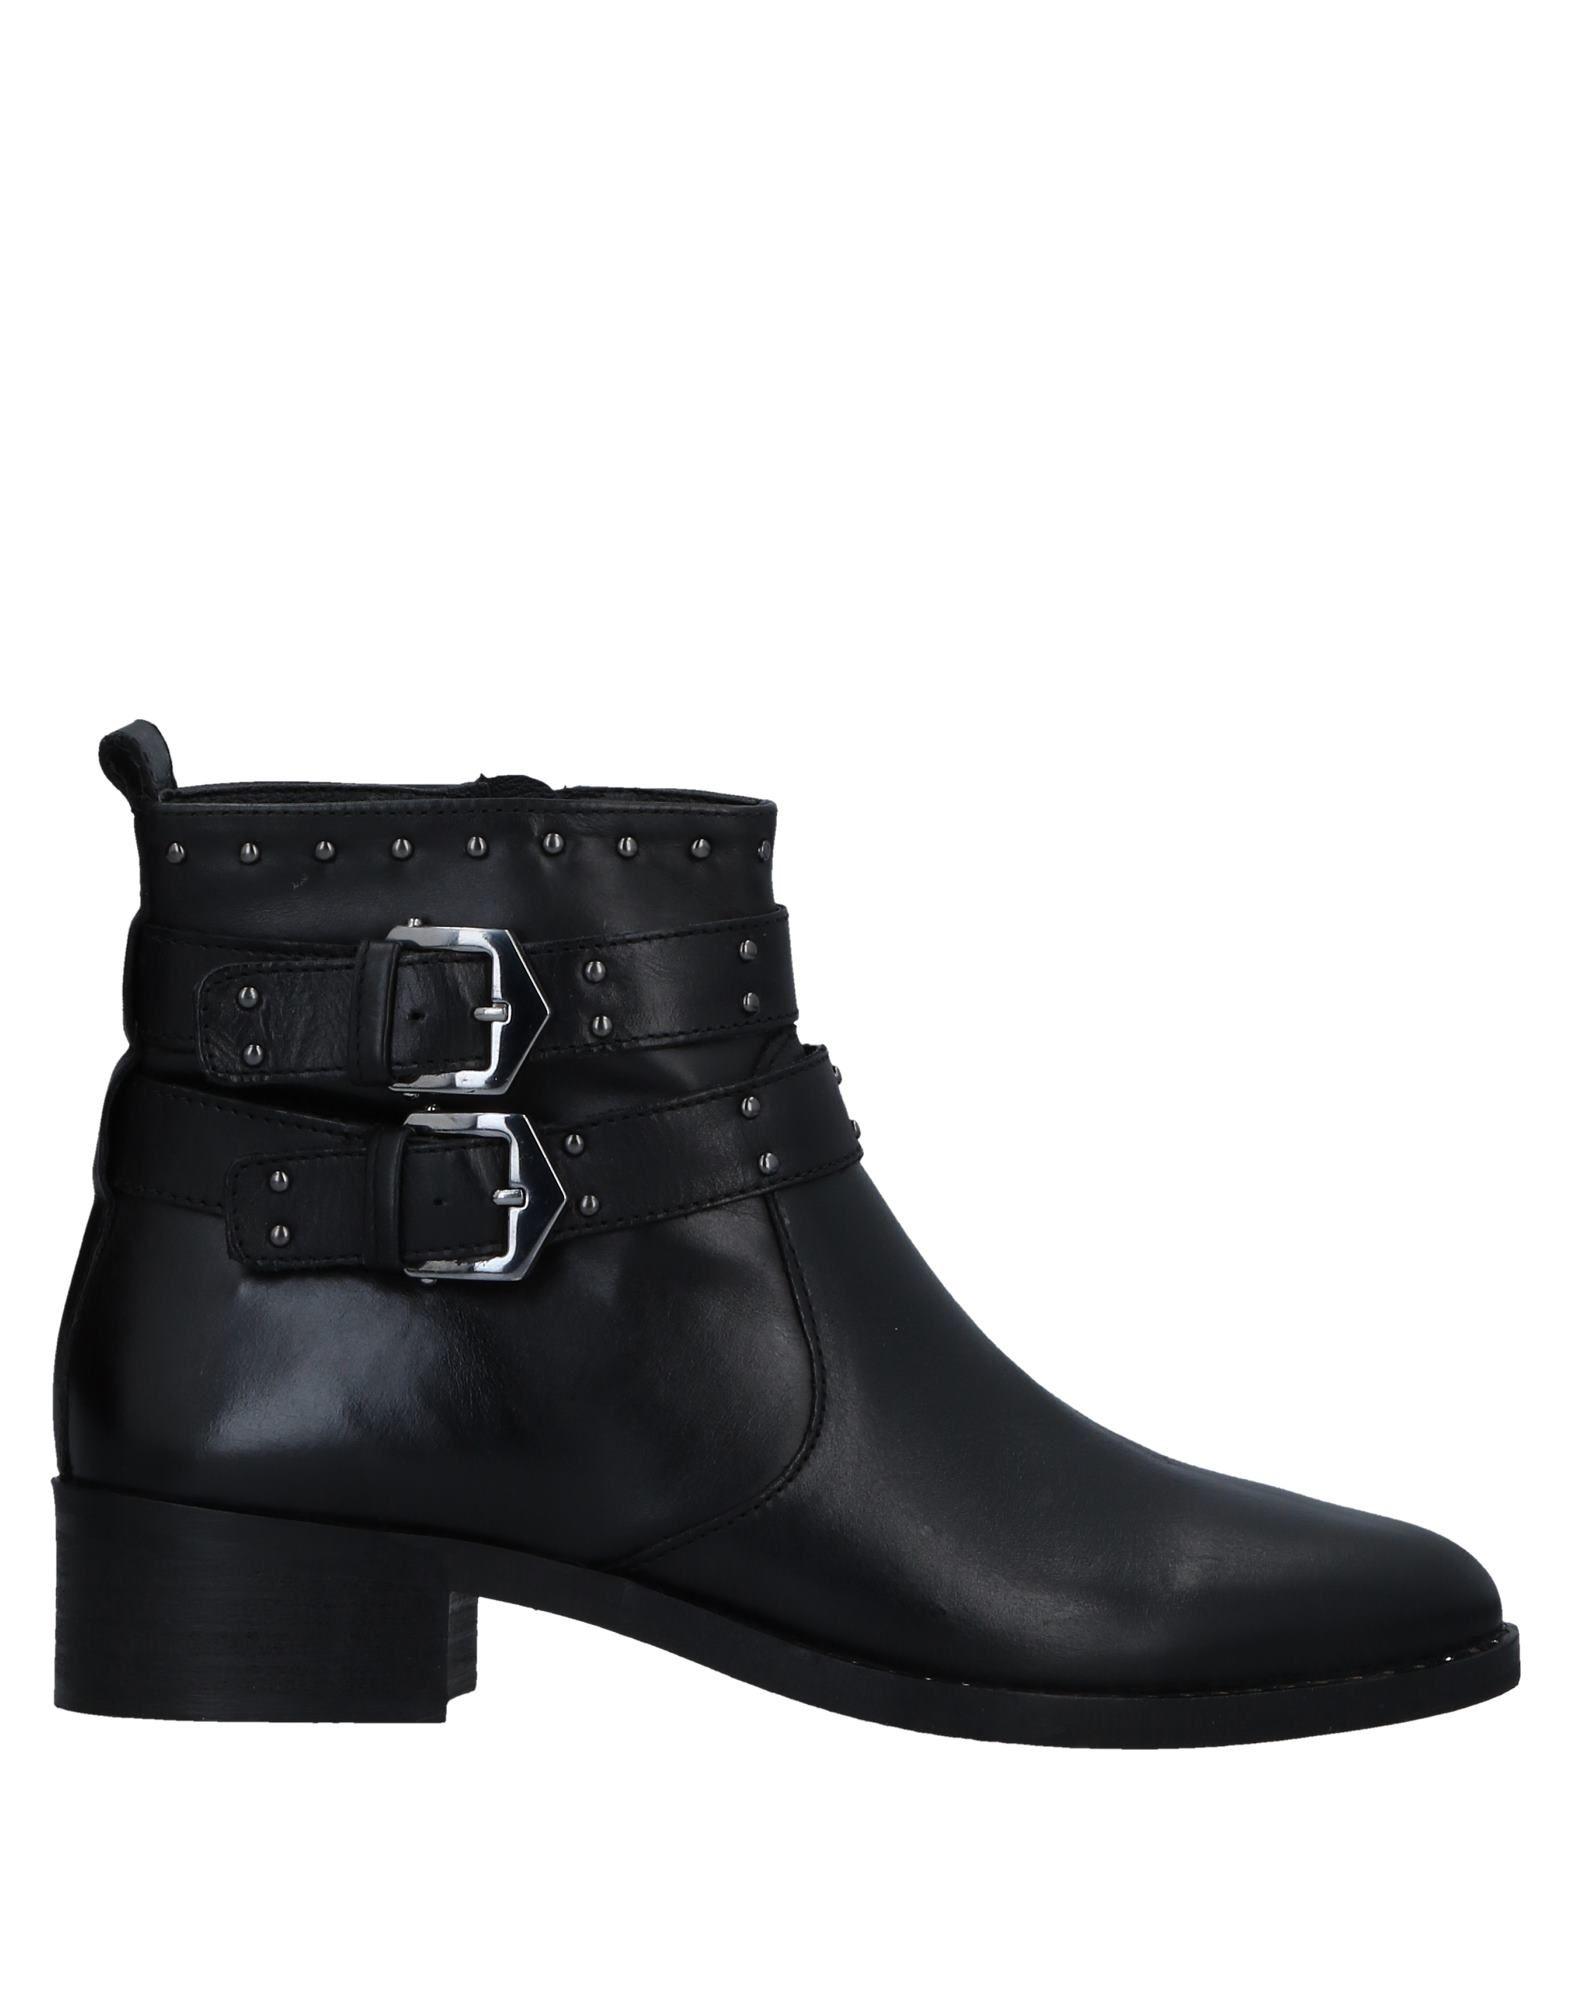 Gusto Stiefelette Damen  11520329FC Gute Qualität beliebte Schuhe